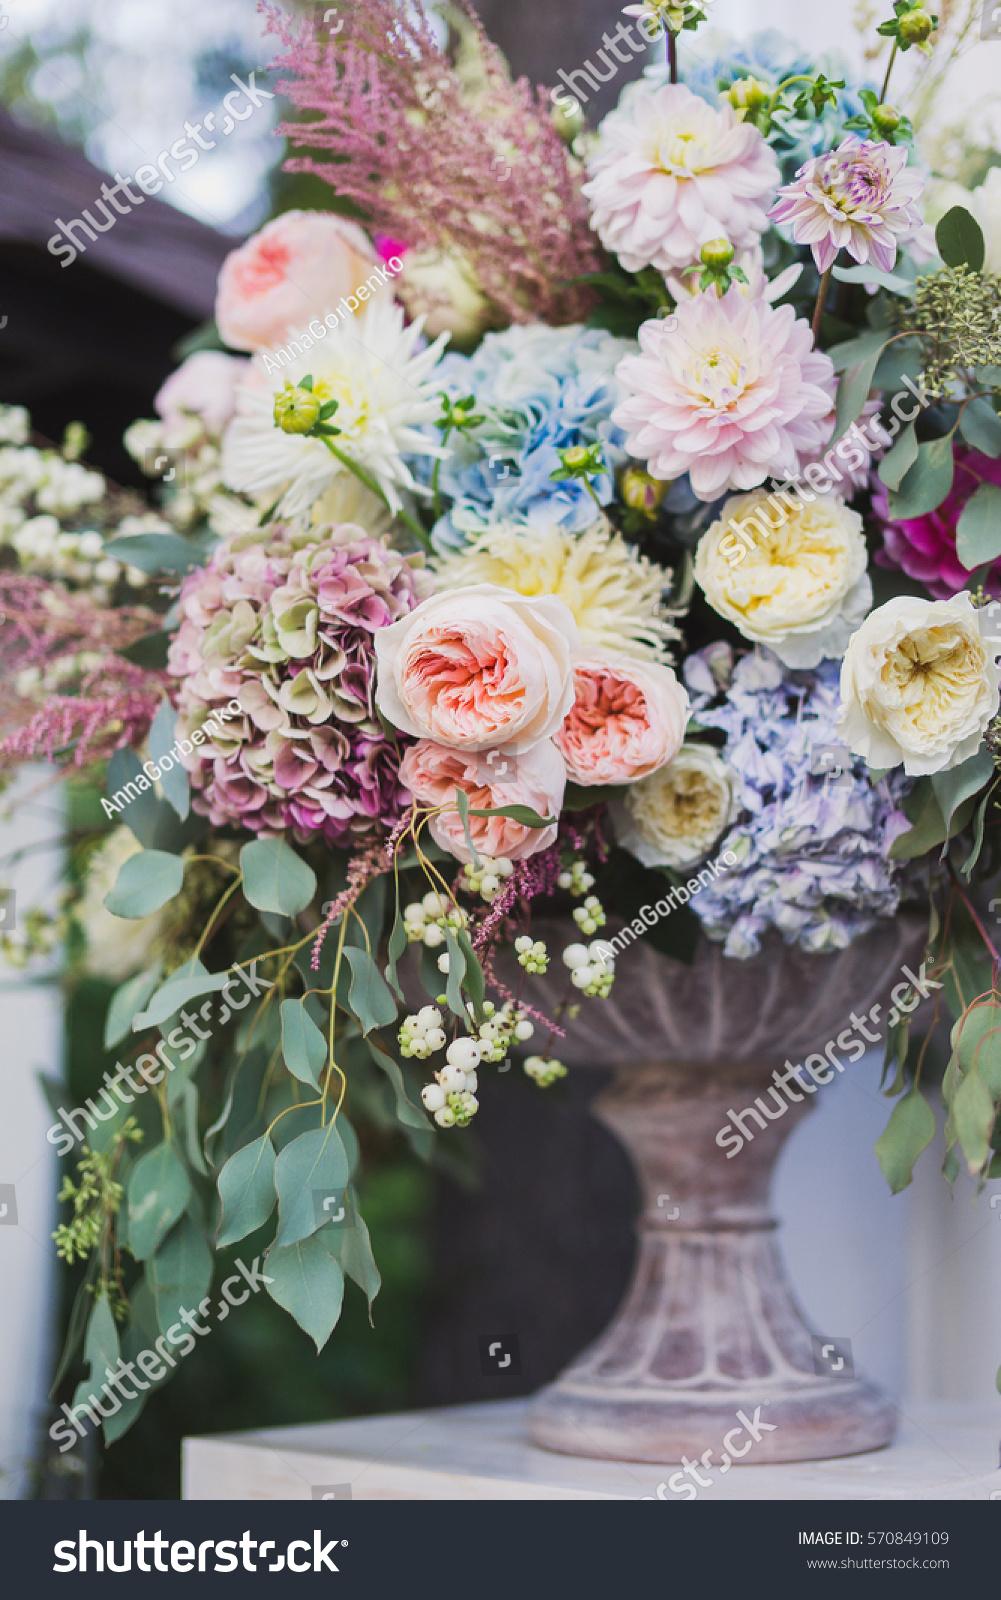 Stylish Floral Decoration Wedding Ceremony Beautiful Stock Photo